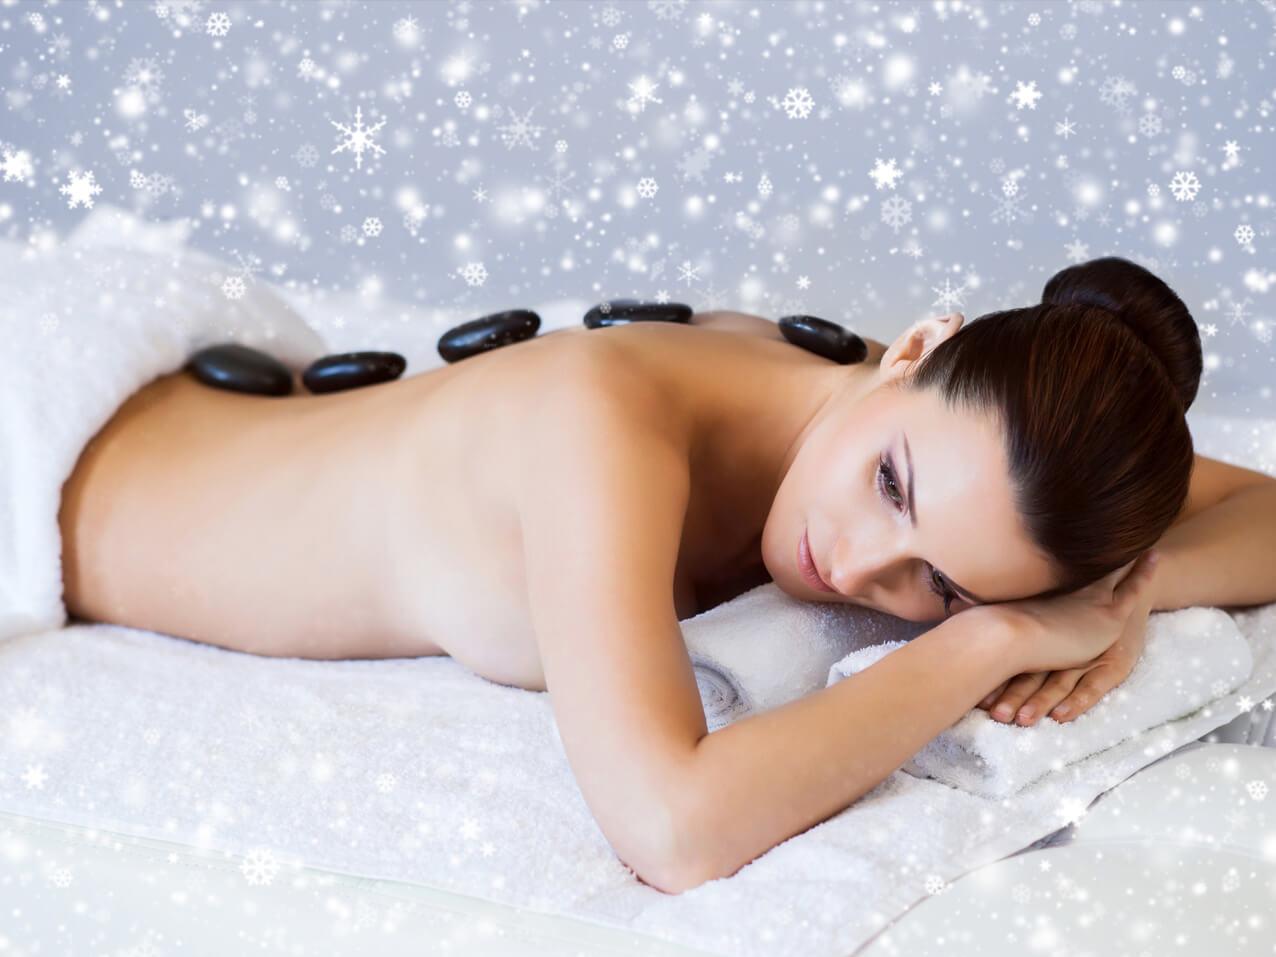 Physiotherapie-Zobel-Dresden-Massage-Geschenk-Oeffnungszeiten-Weihnachten-Silvester-Urlaub-Relaxen-Gesundheit-2017